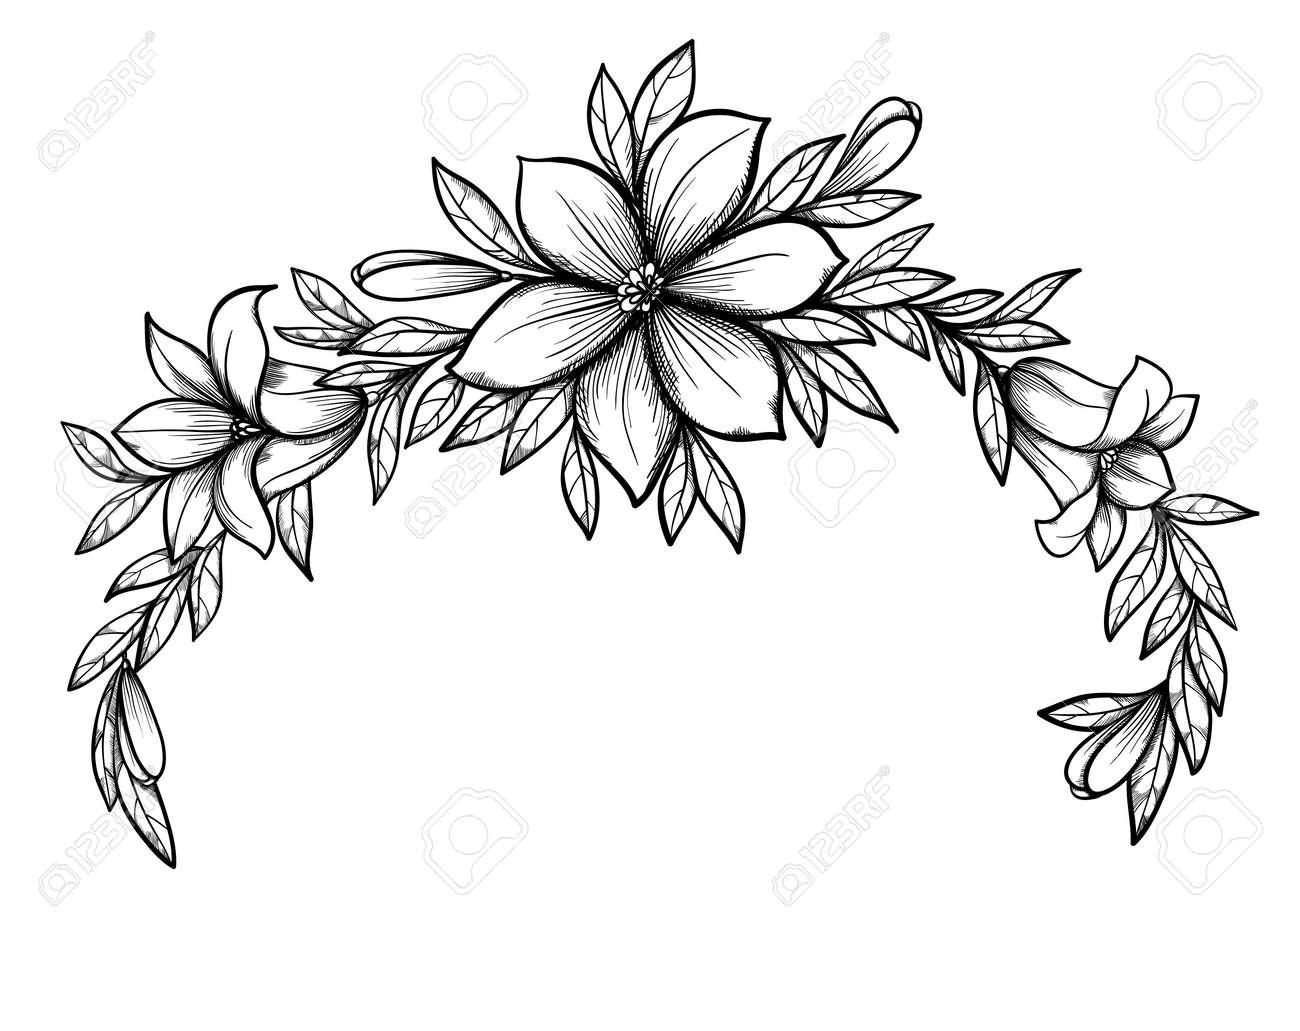 Hermoso Dibujo Grafico Lily Rama Con Hojas Y Brotes De Las Flores De